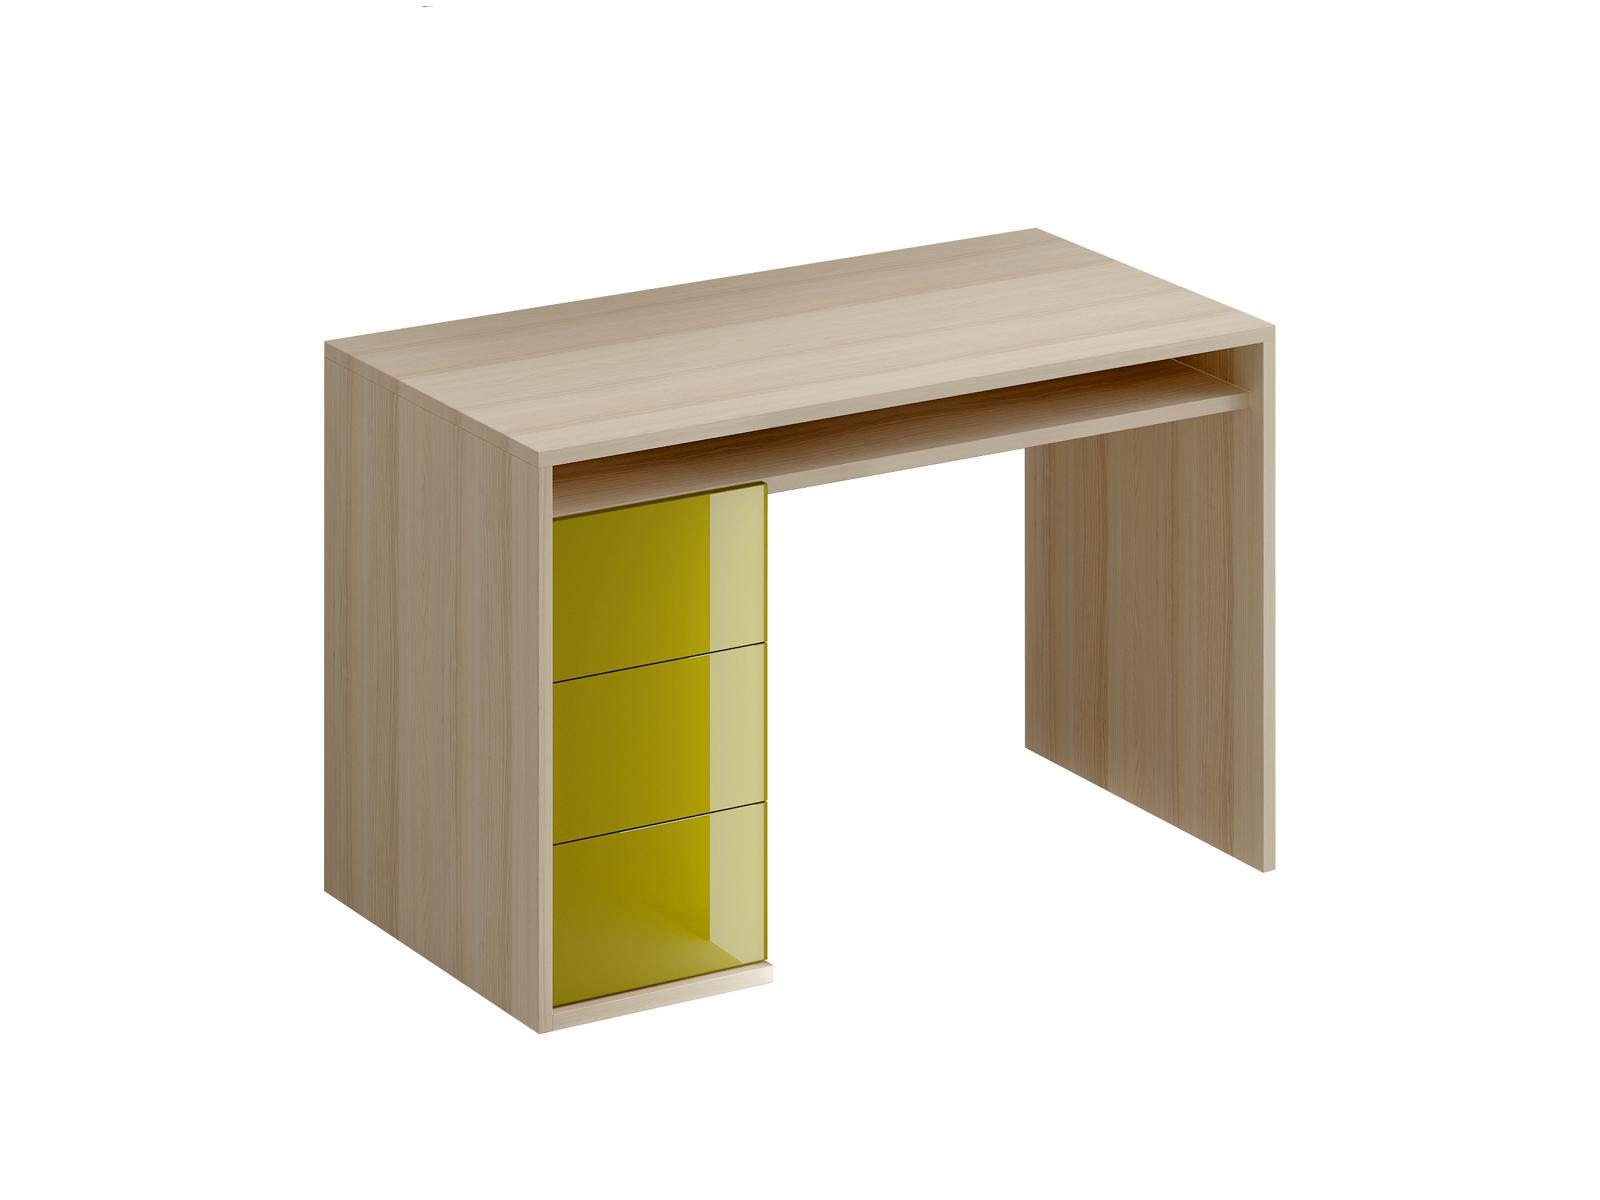 Стол письменный Mix PlusПисьменные столы<br>Стол письменный с одной тумбой. В тумбе расположено три выдвижных ящика. Под столешницей имеется ниша. В столешнице имеется отверствие для вывода кабеля.<br><br>Material: ДСП<br>Width см: 118<br>Depth см: 60<br>Height см: 76